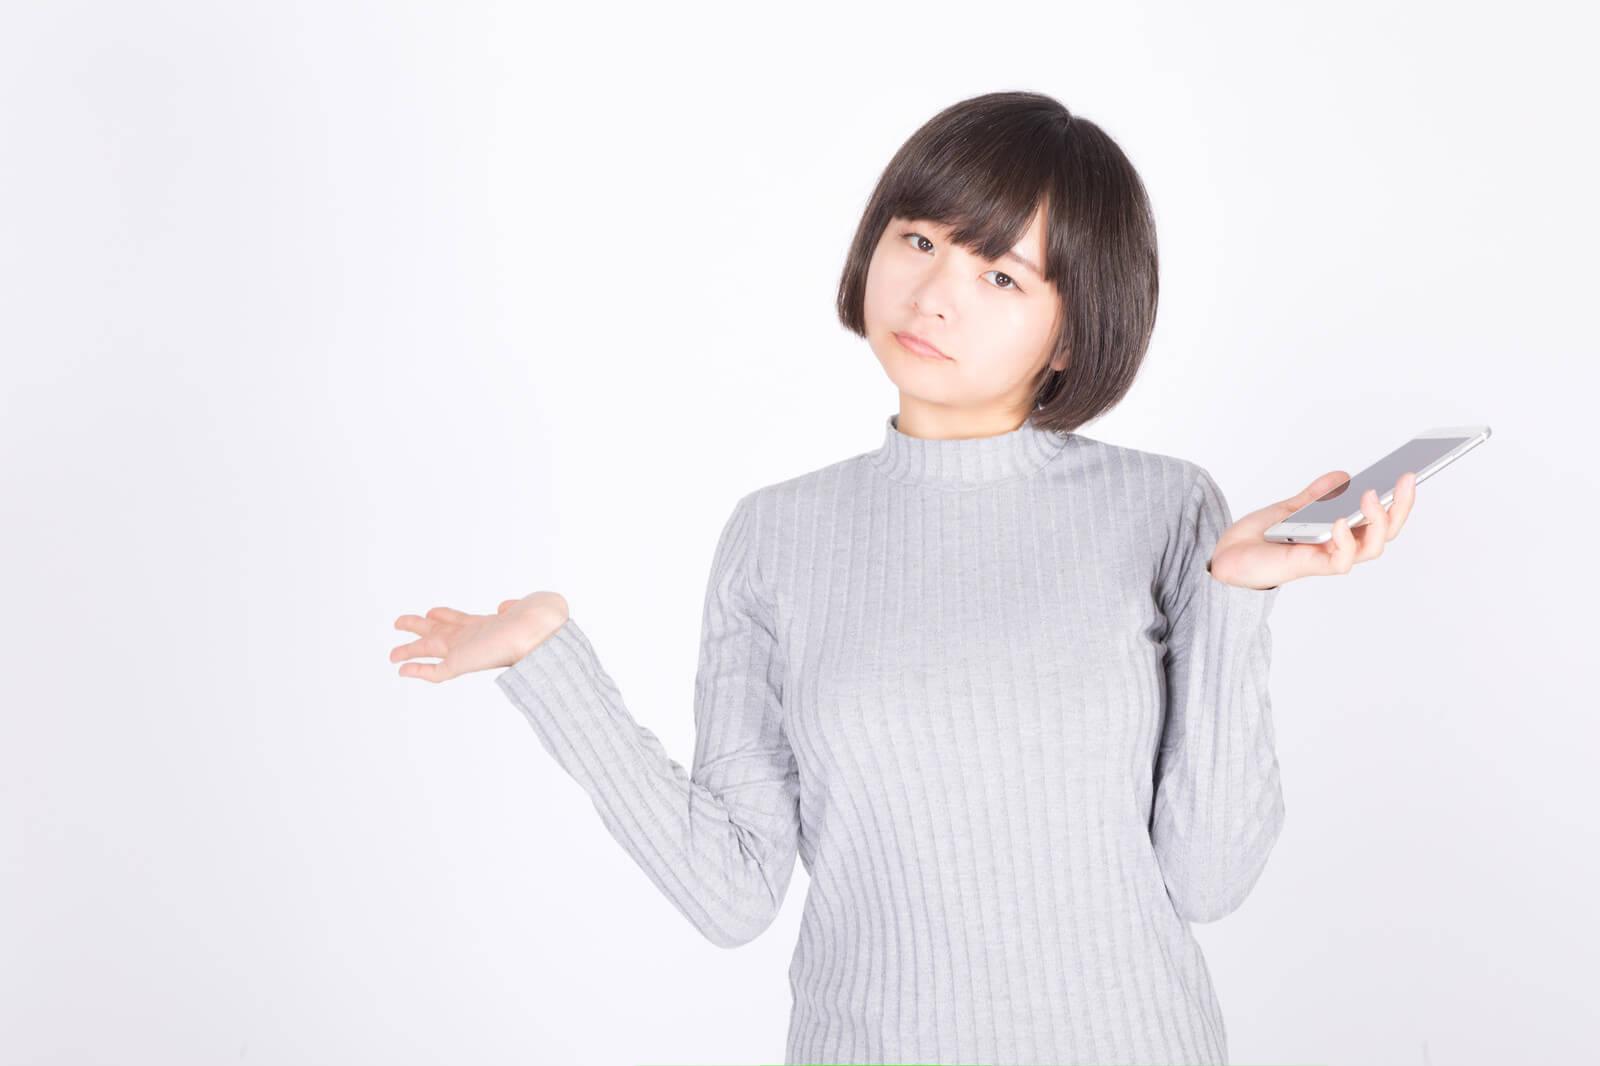 【株式会社Quest】スマホポチポチビジネスにご注意ください!